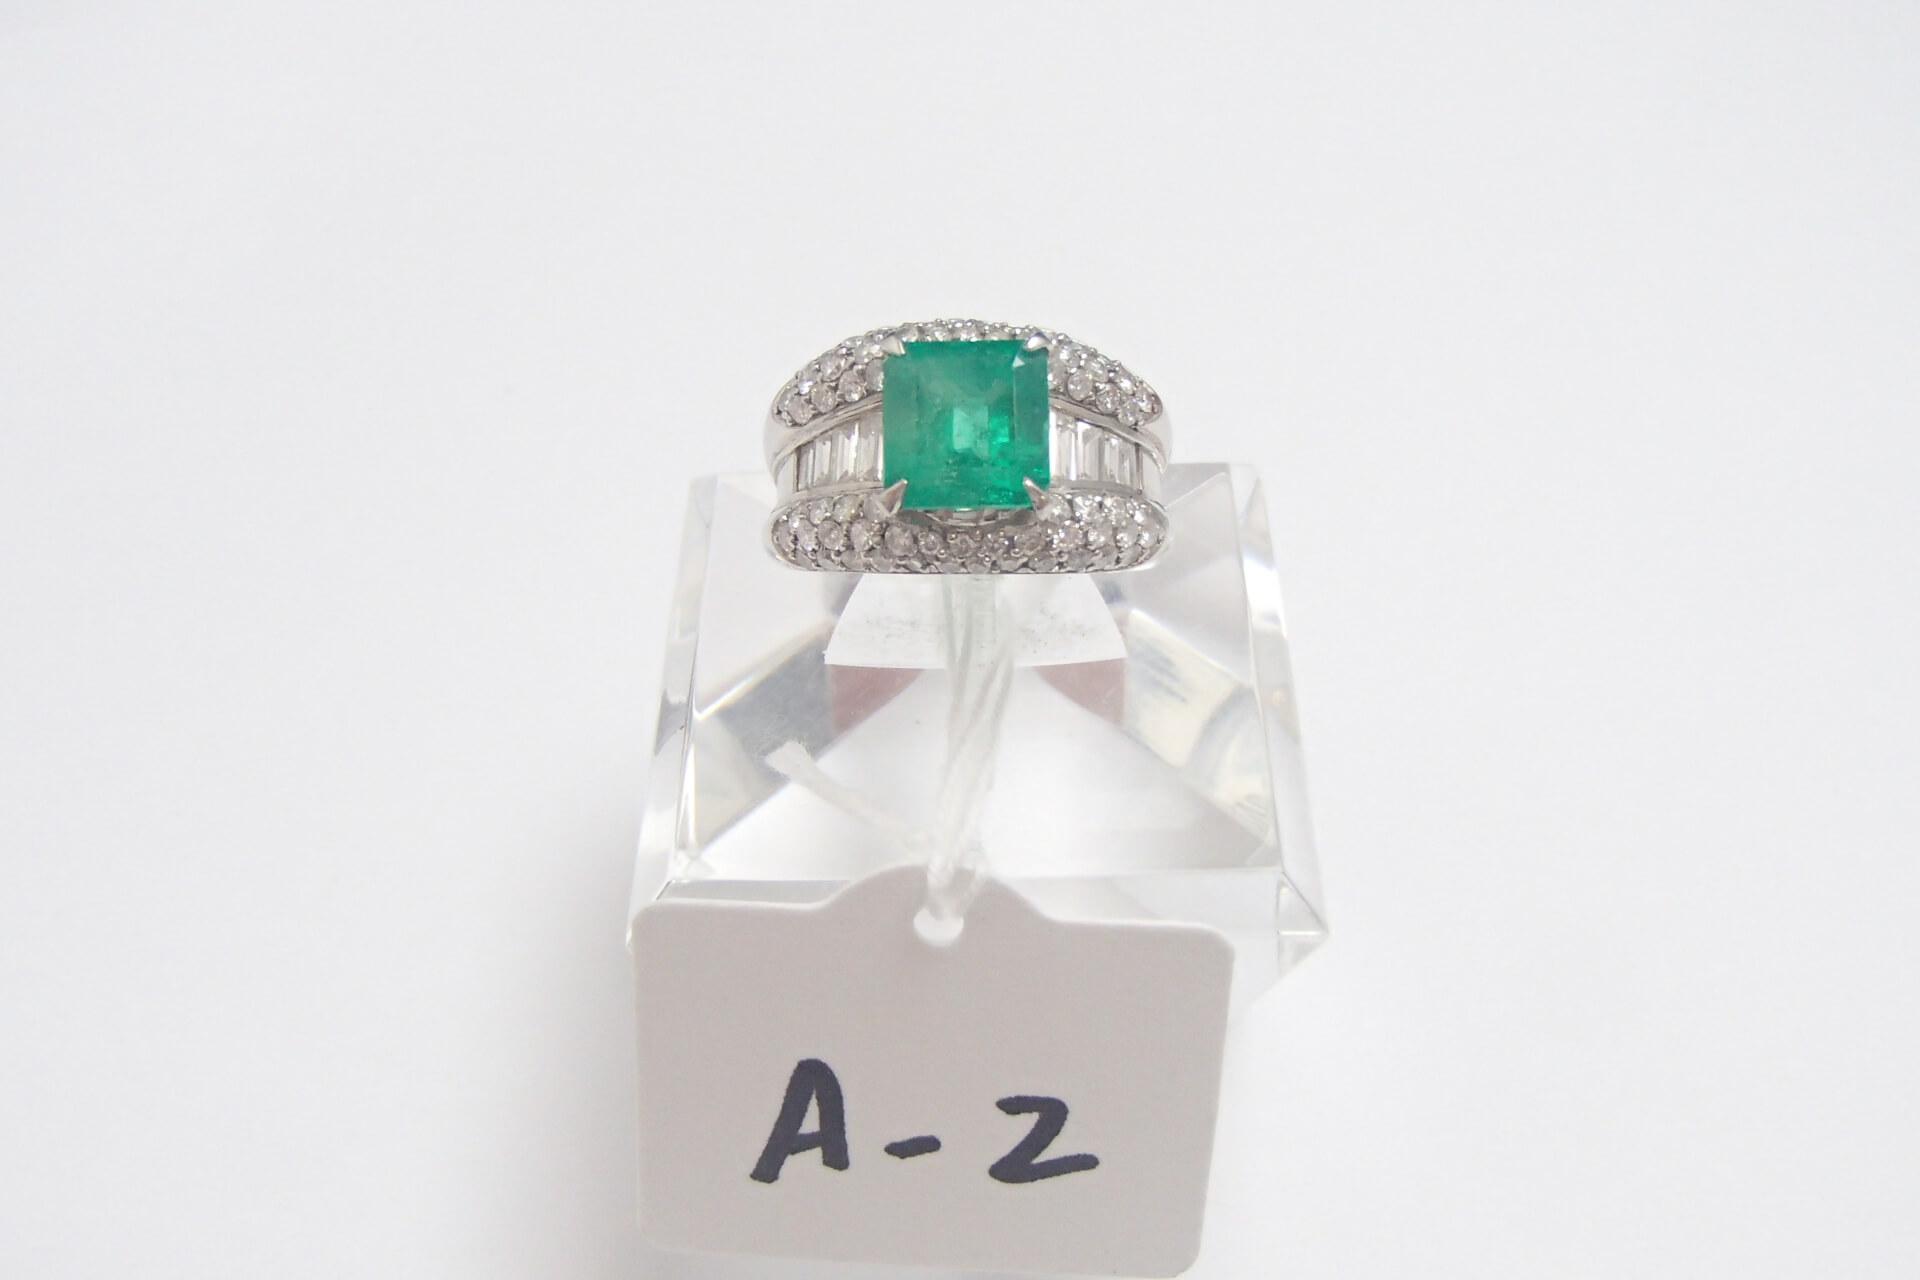 エメラルドが小さくてもメレダイヤモンドが沢山ついていると査定額はどうなる?